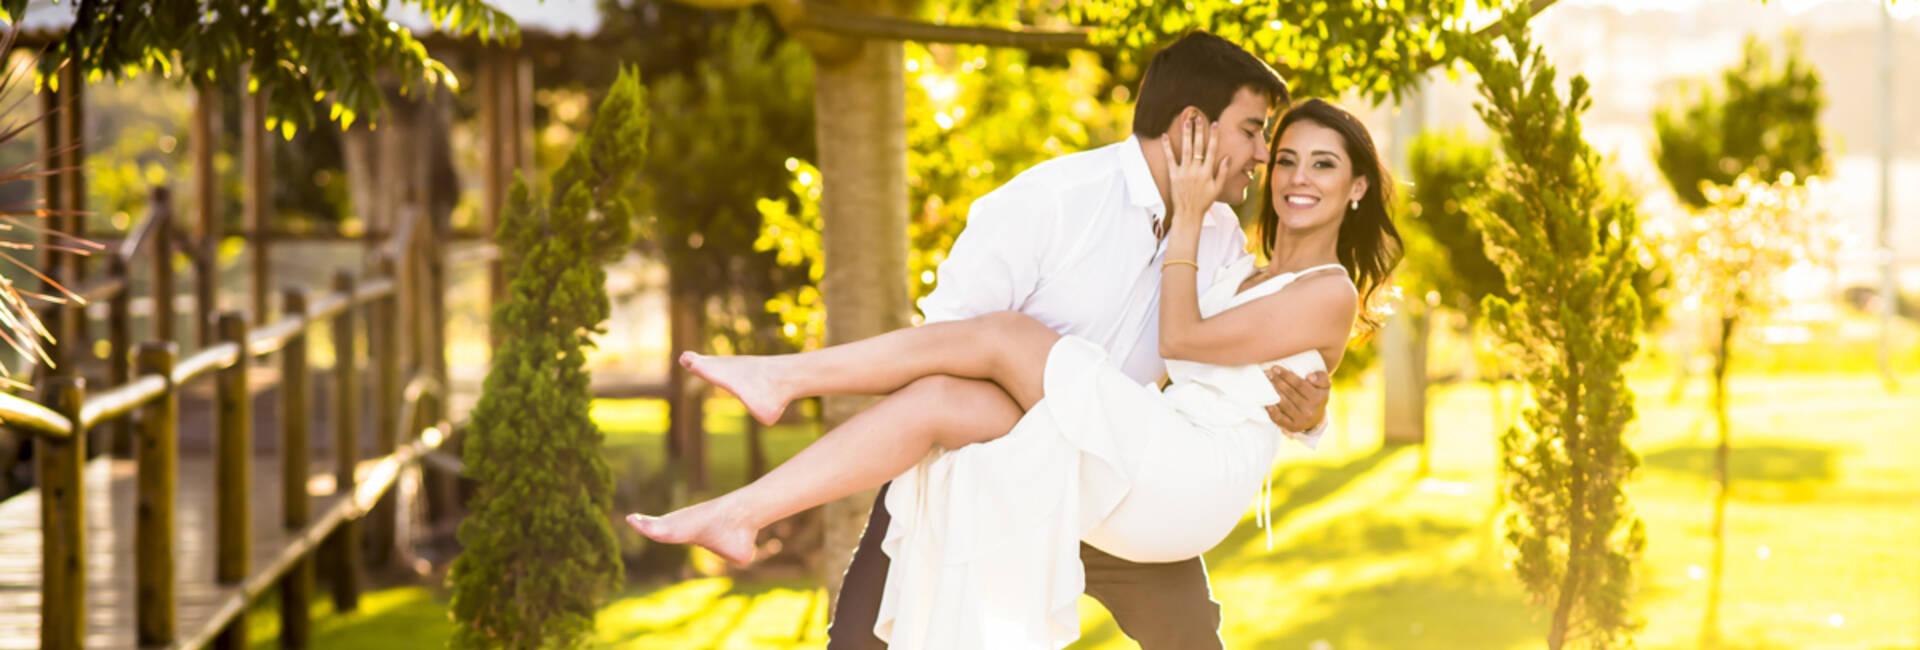 Ensaio Pré Wedding de Marianny e Vinícius